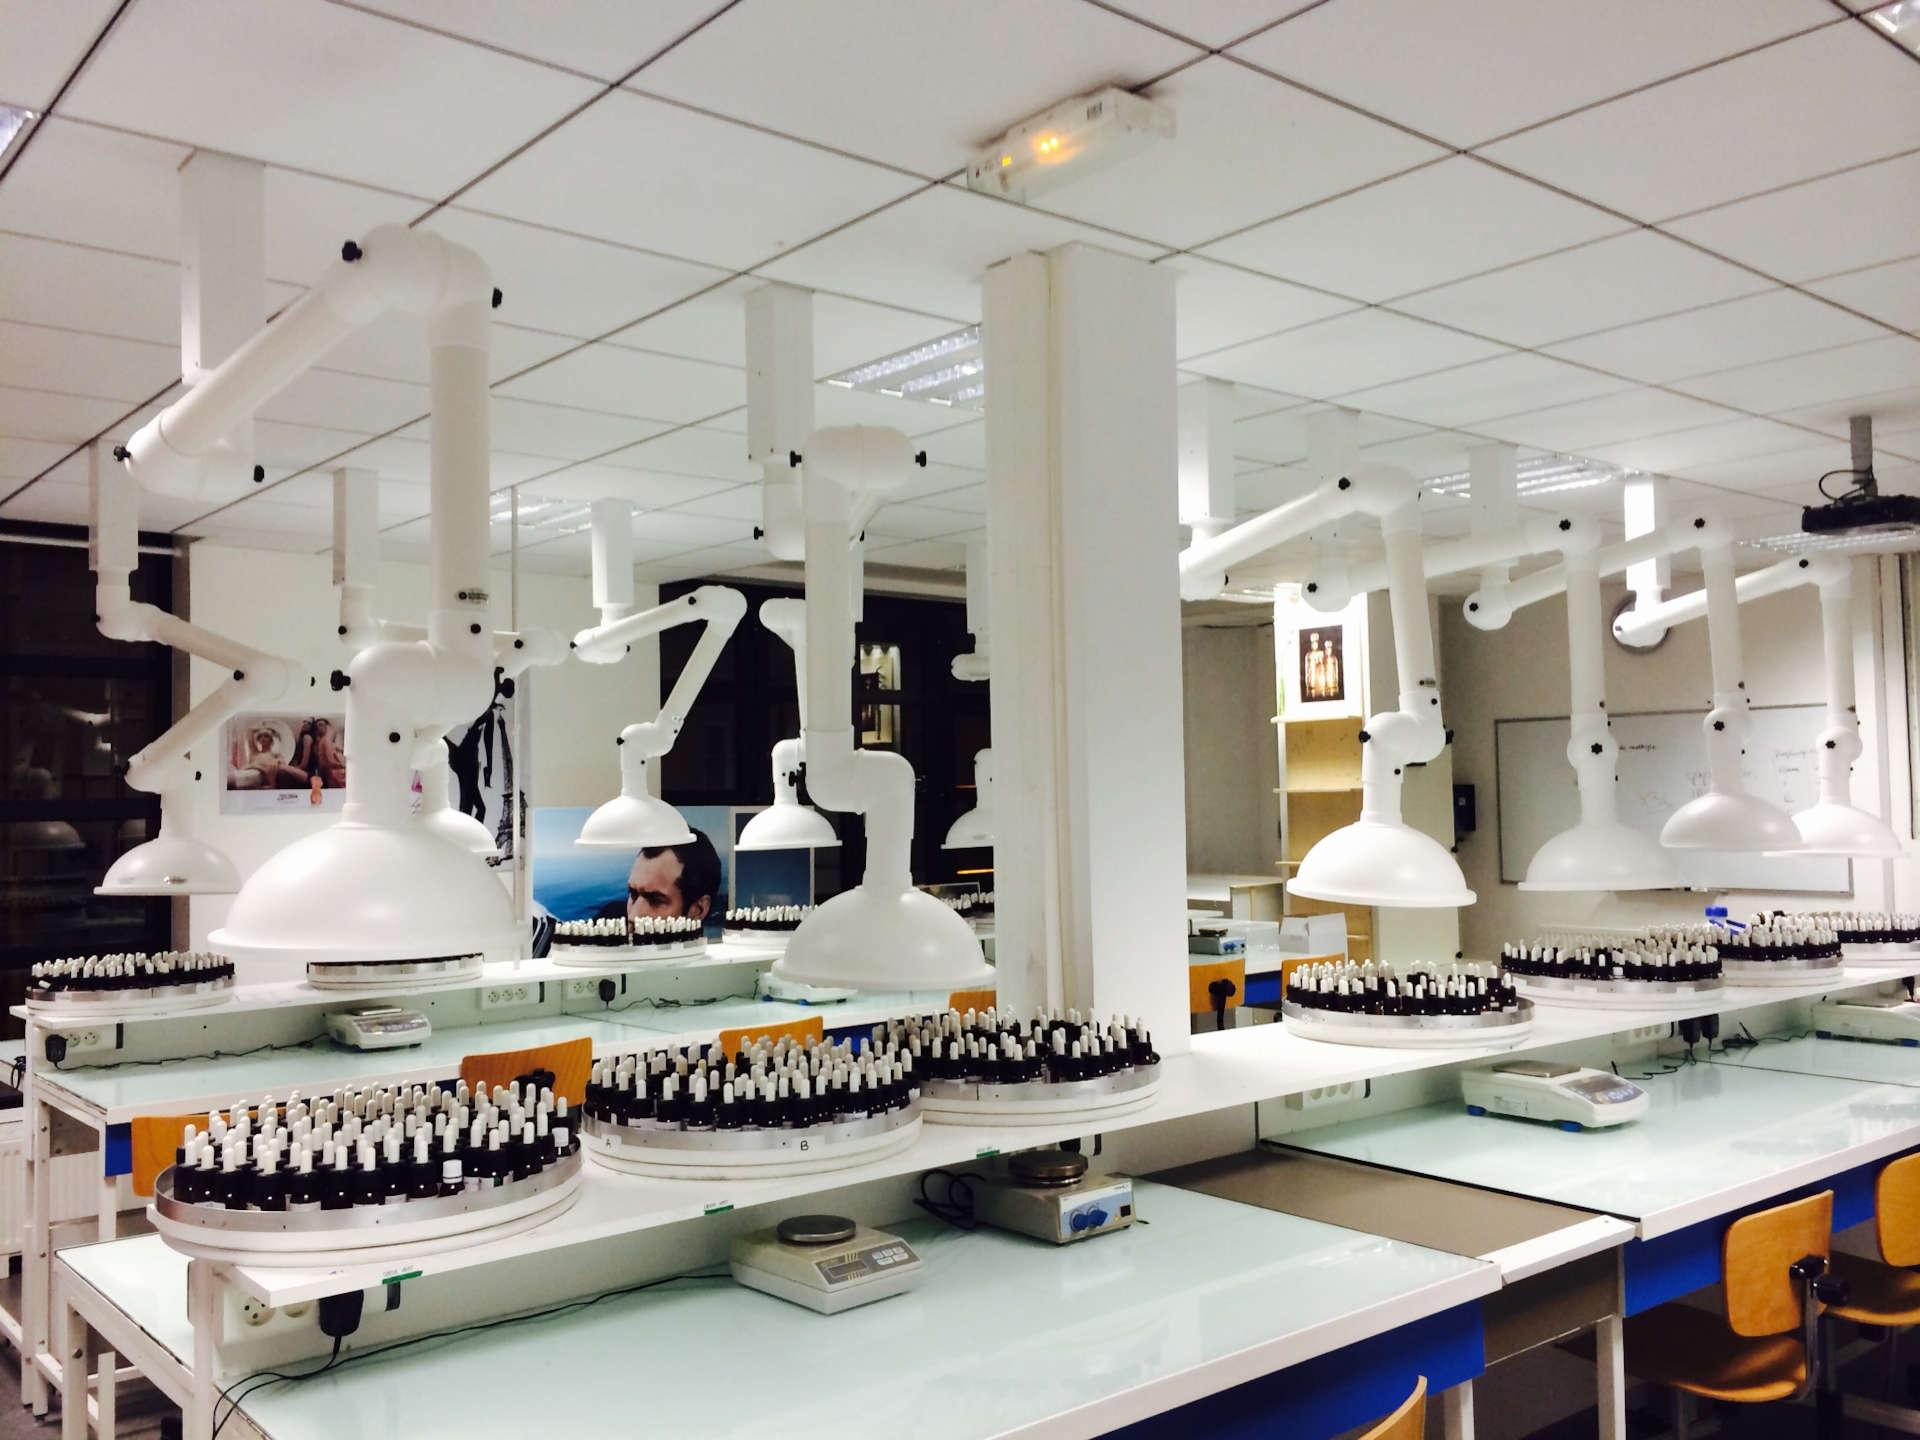 Comment éviter le risque chimique dans les laboratoires